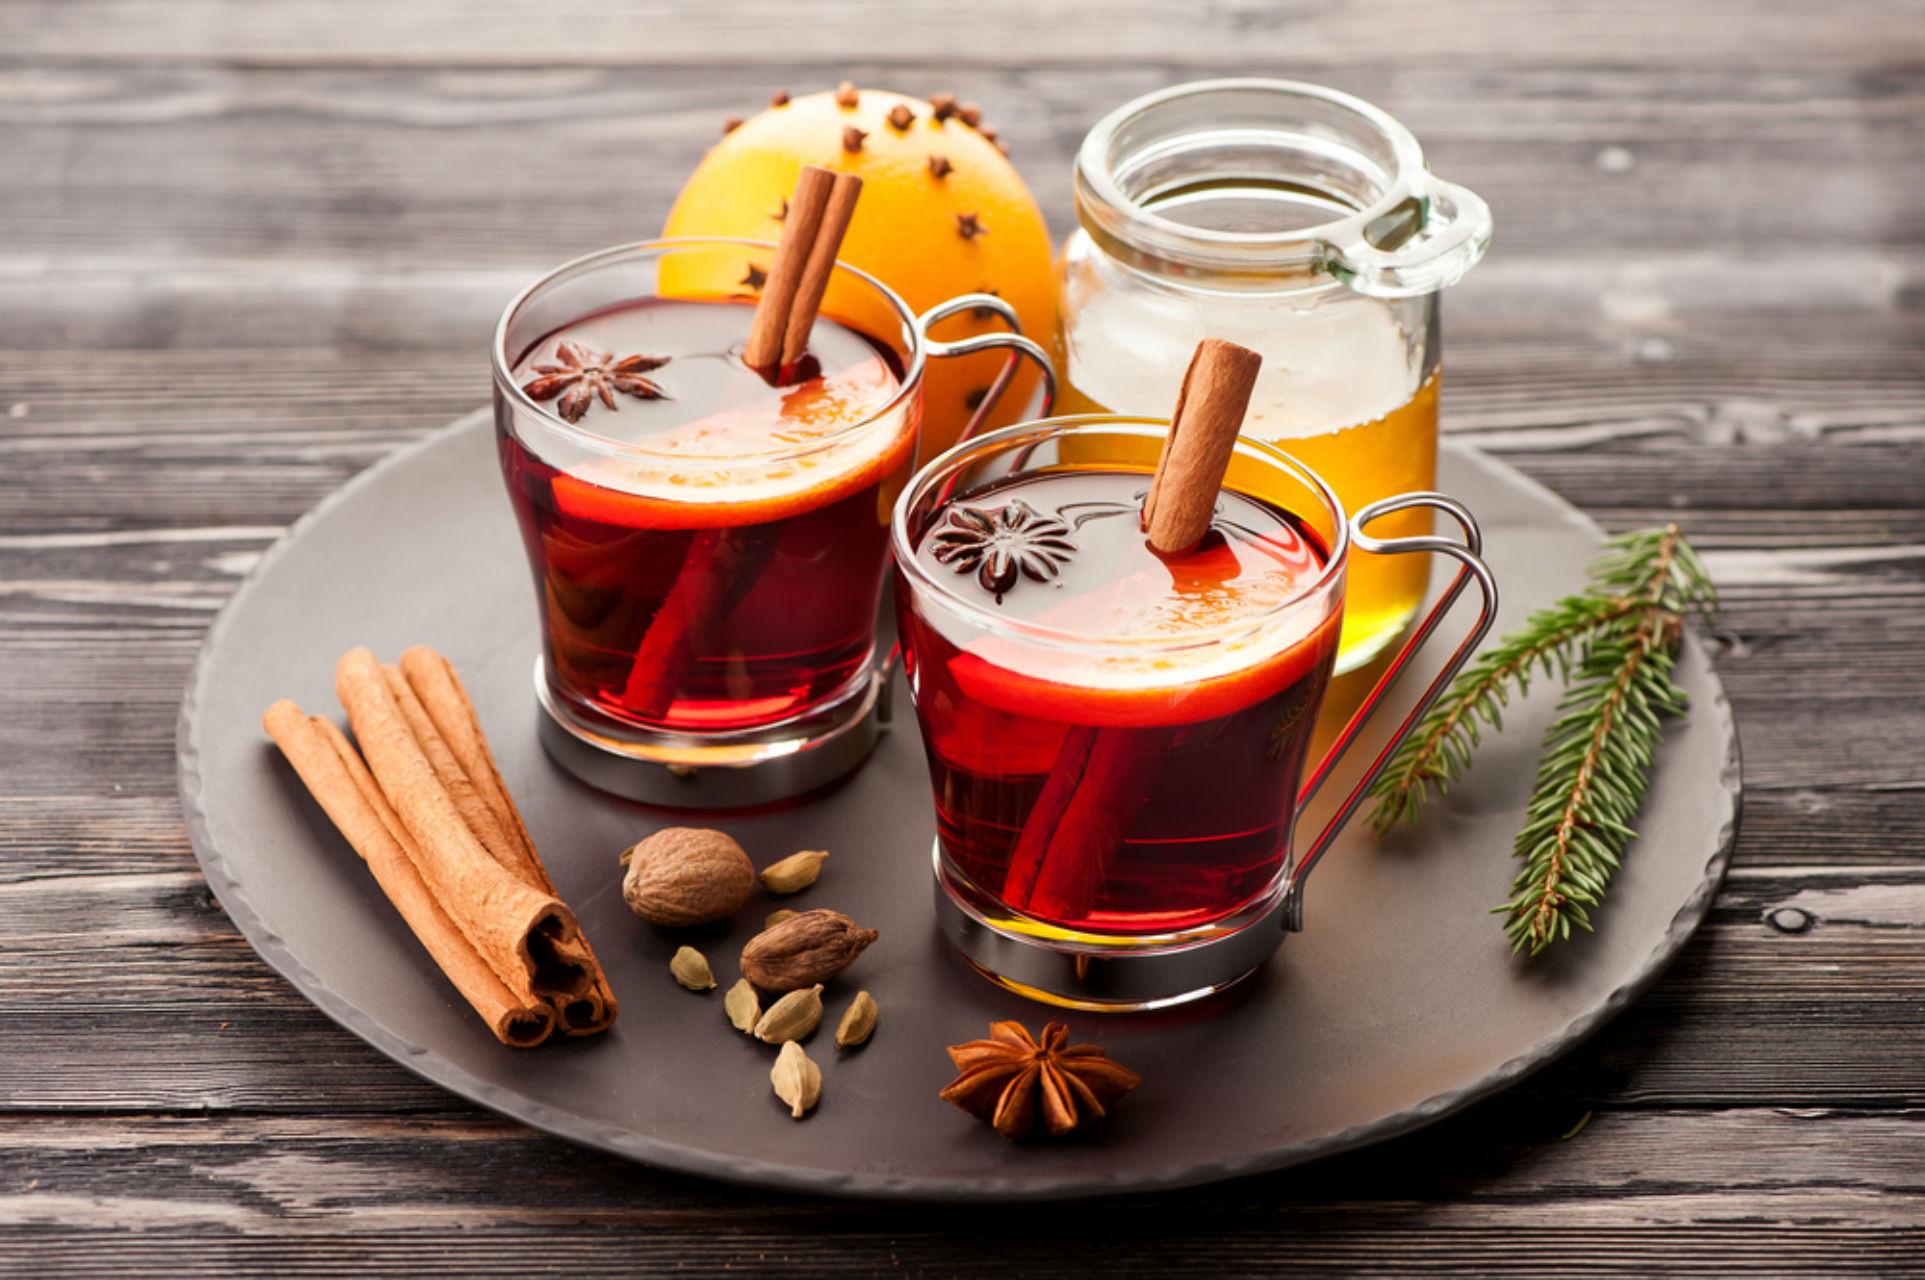 Праздник зимних напитков